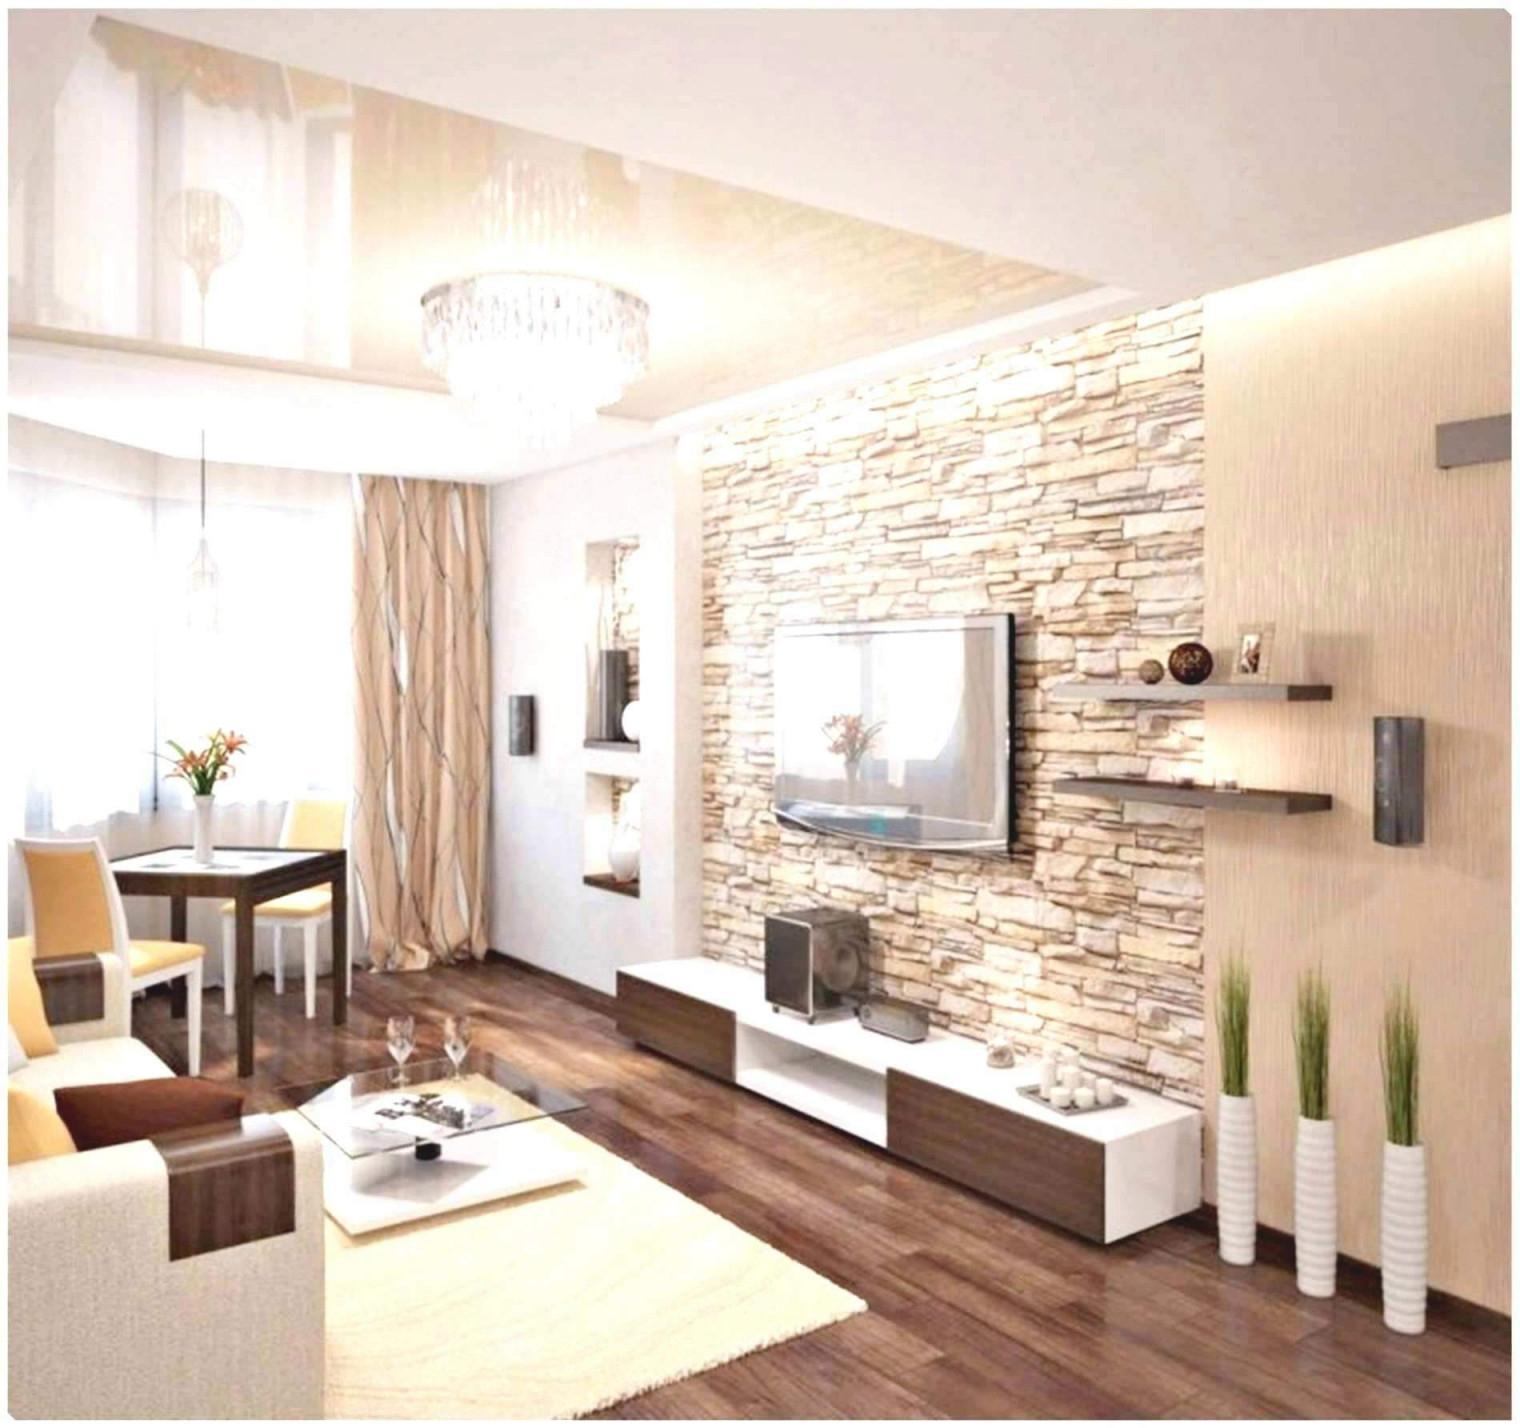 Wohnzimmer Tapete Das Beste Von Moderne Wohnzimmer Tapeten von Moderne Tapeten Für Wohnzimmer Bild